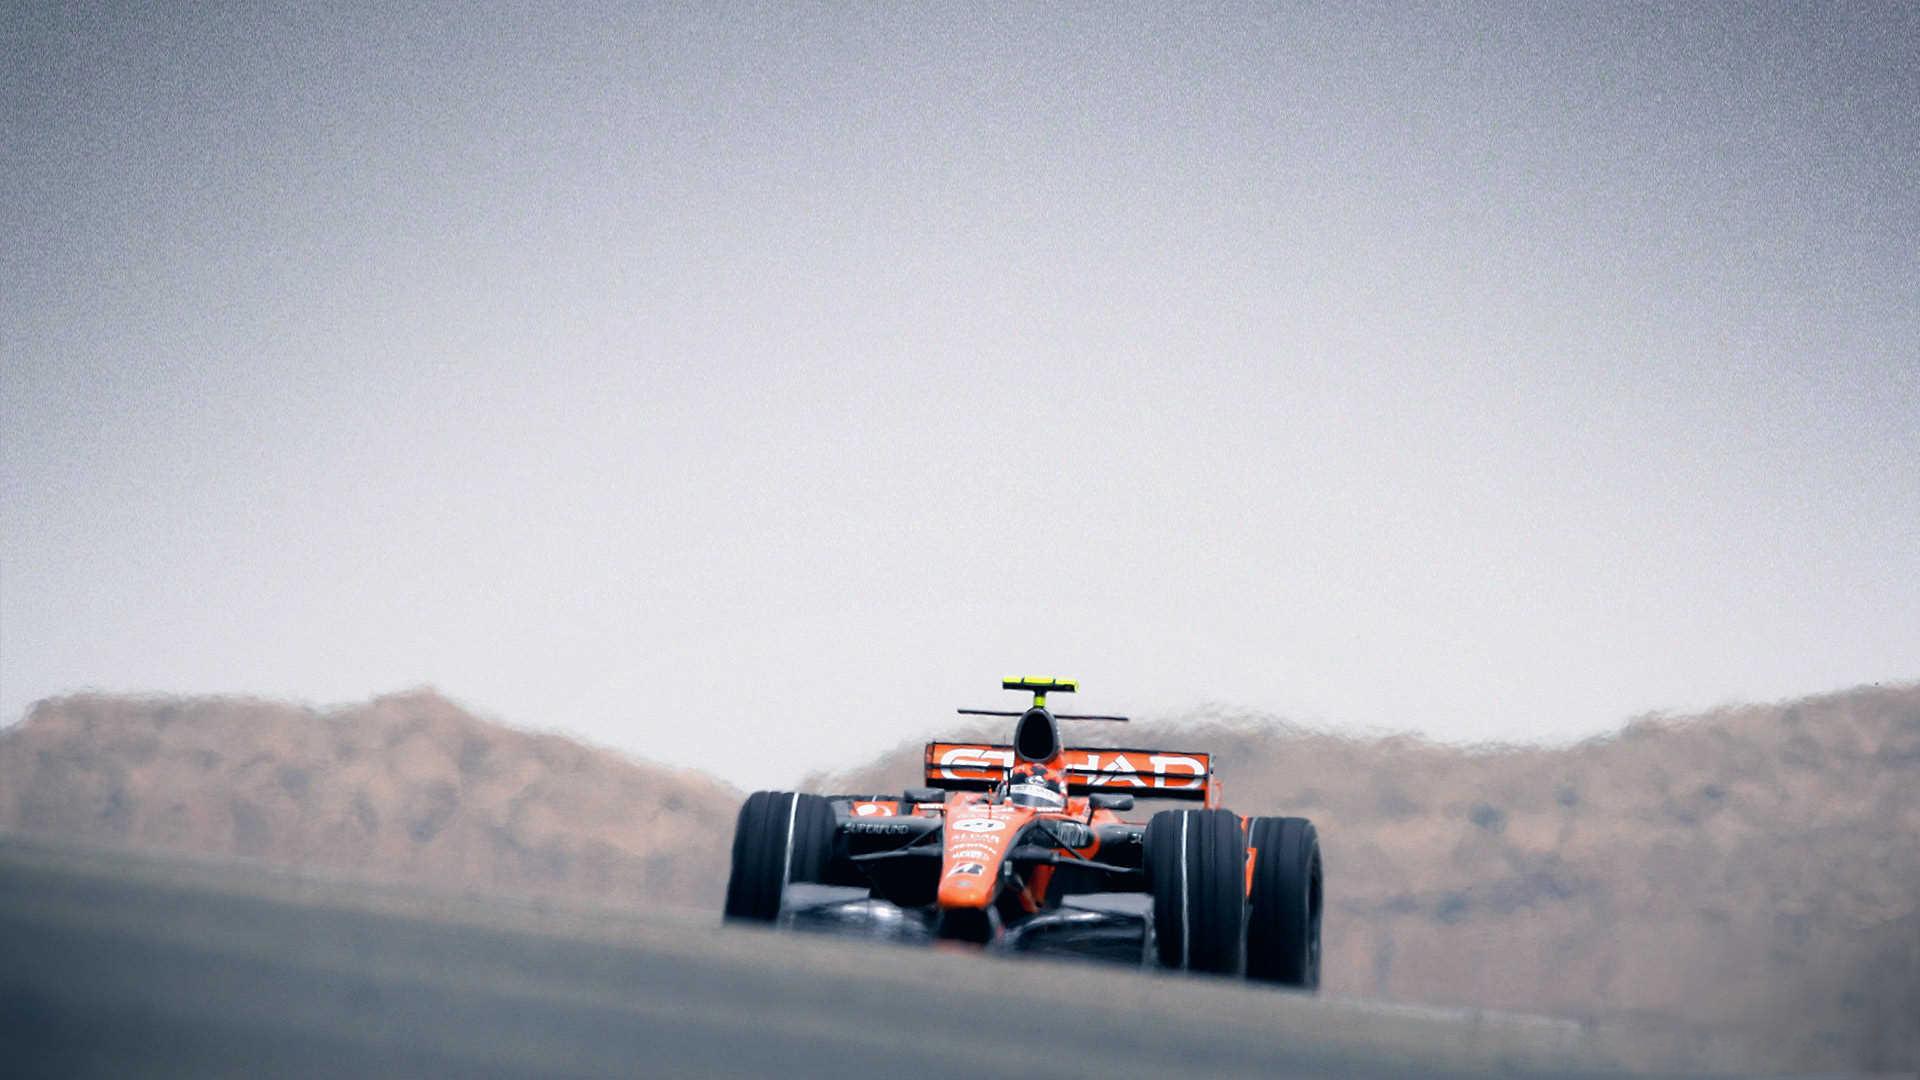 Formula 1 1920x1080 Wallpaper Teahub Io